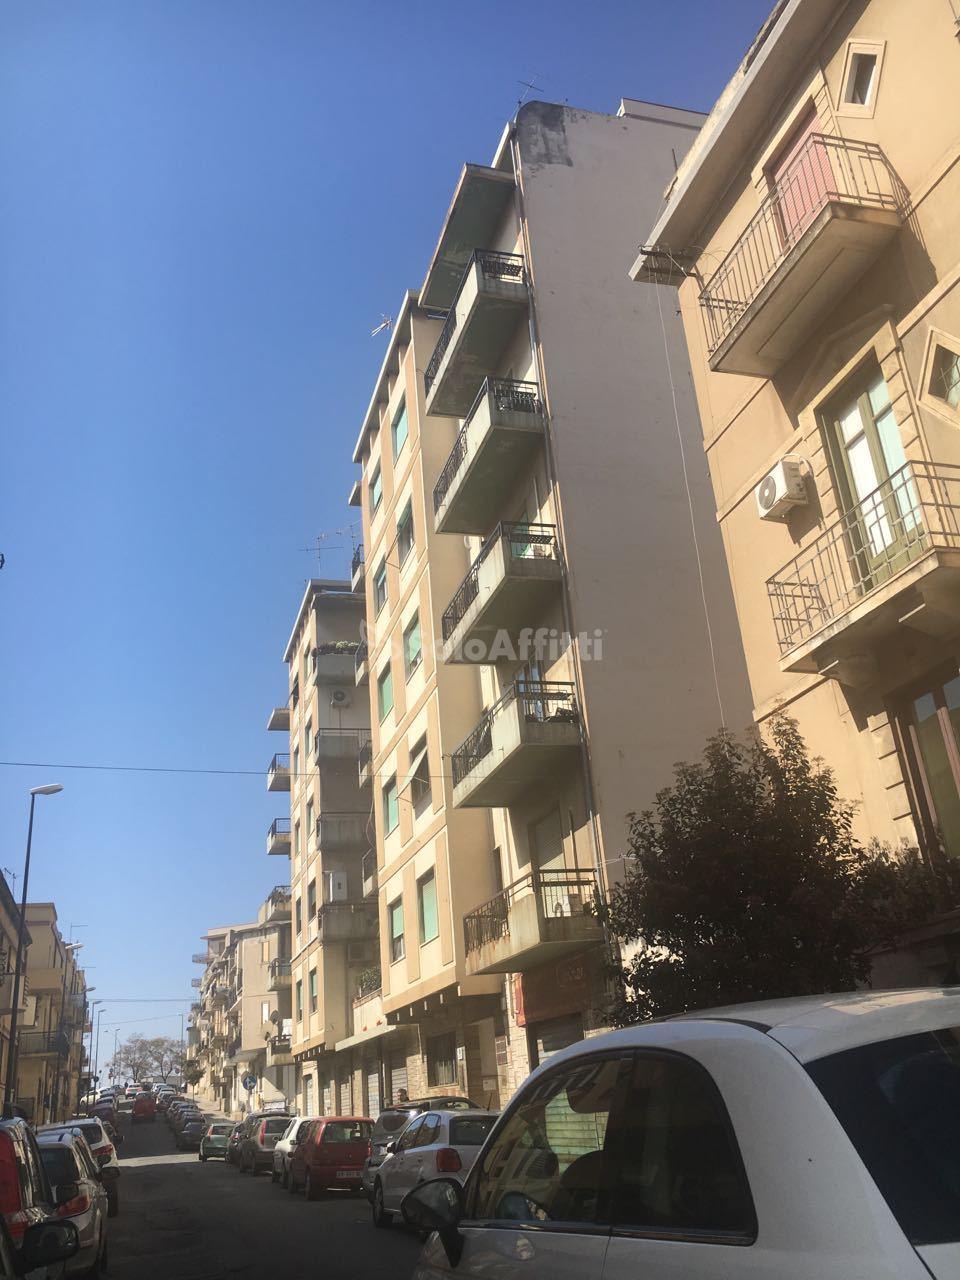 Ufficio - 3 locali a Centro, Reggio di Calabria Rif. 11281728